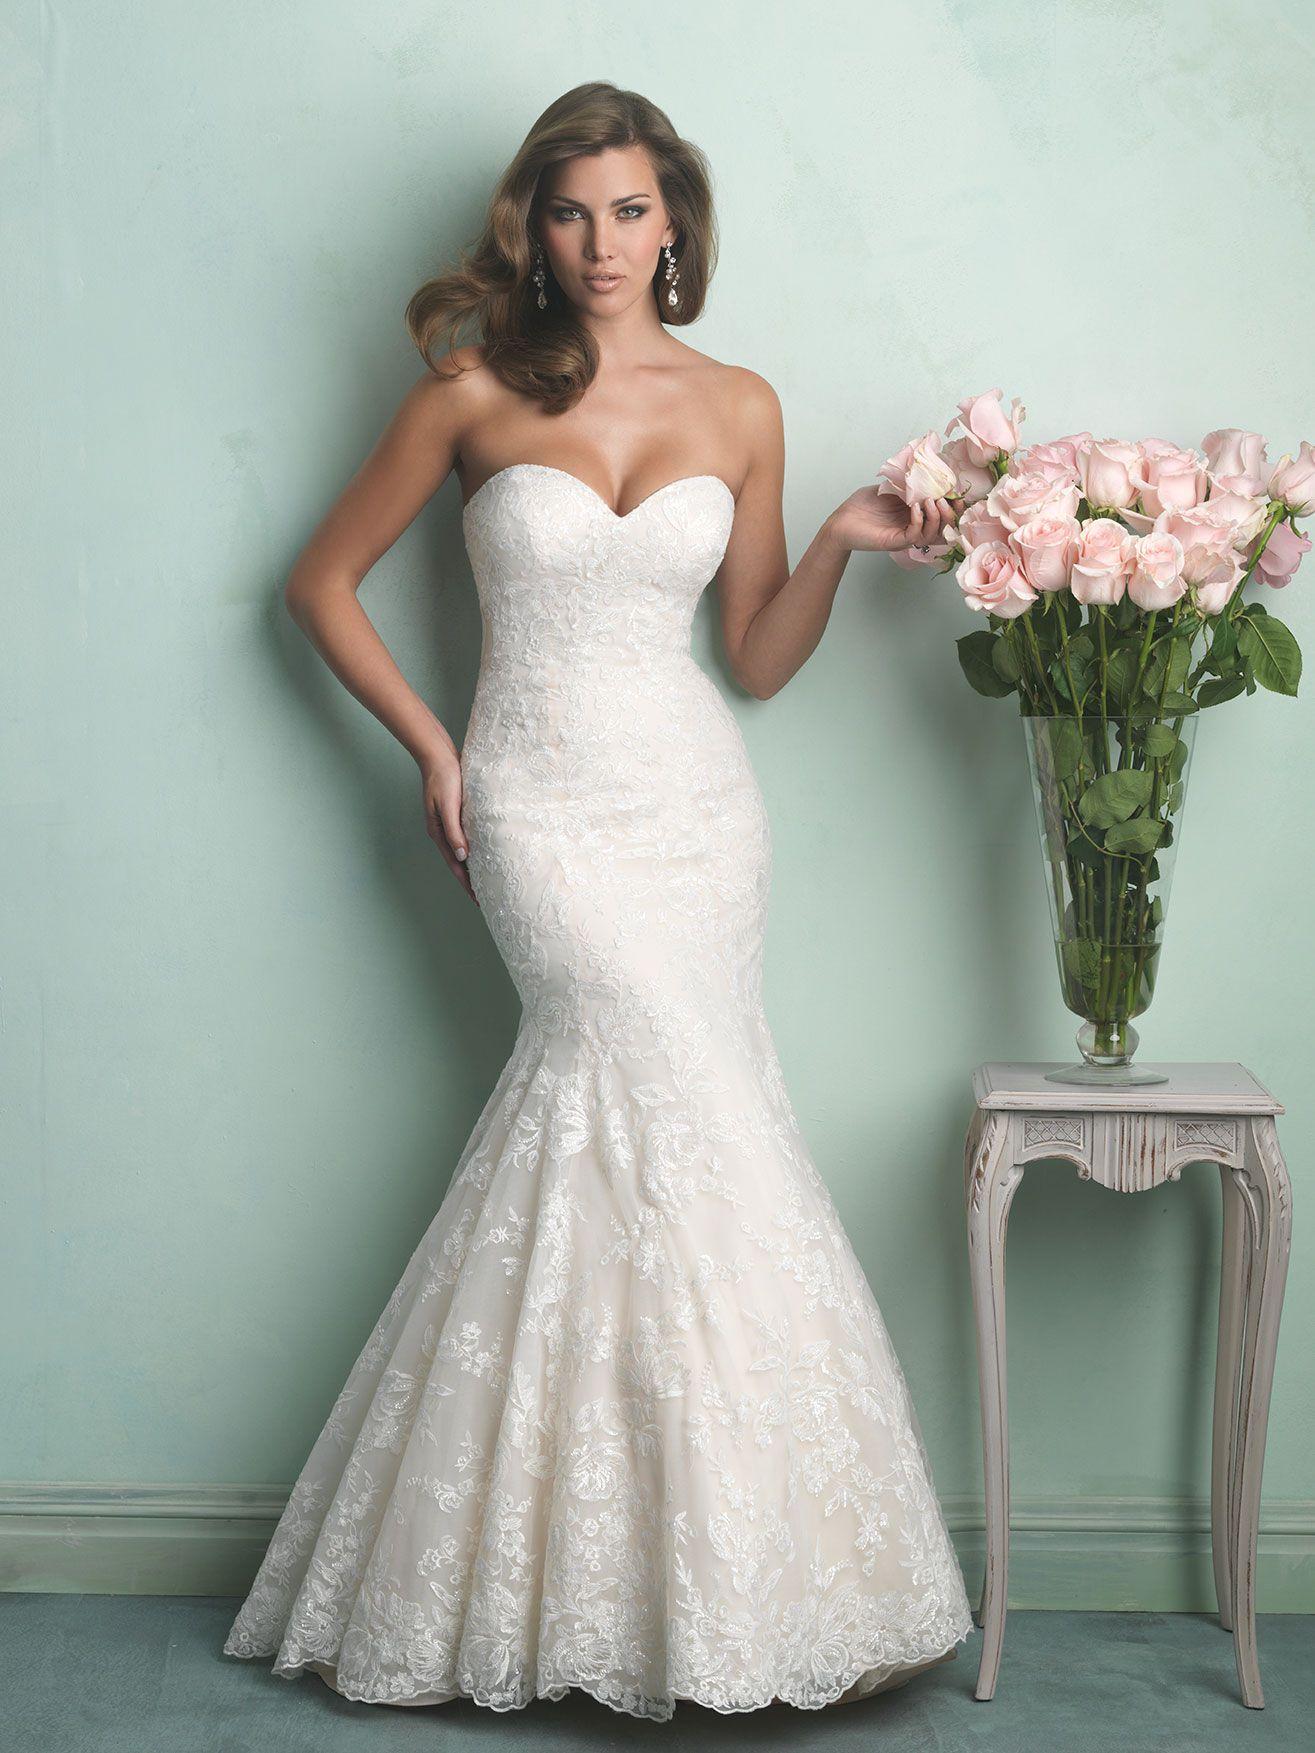 Allure Bridals Allure Bridal Allure Wedding Dresses Wedding Dresses Lace [ 1753 x 1315 Pixel ]